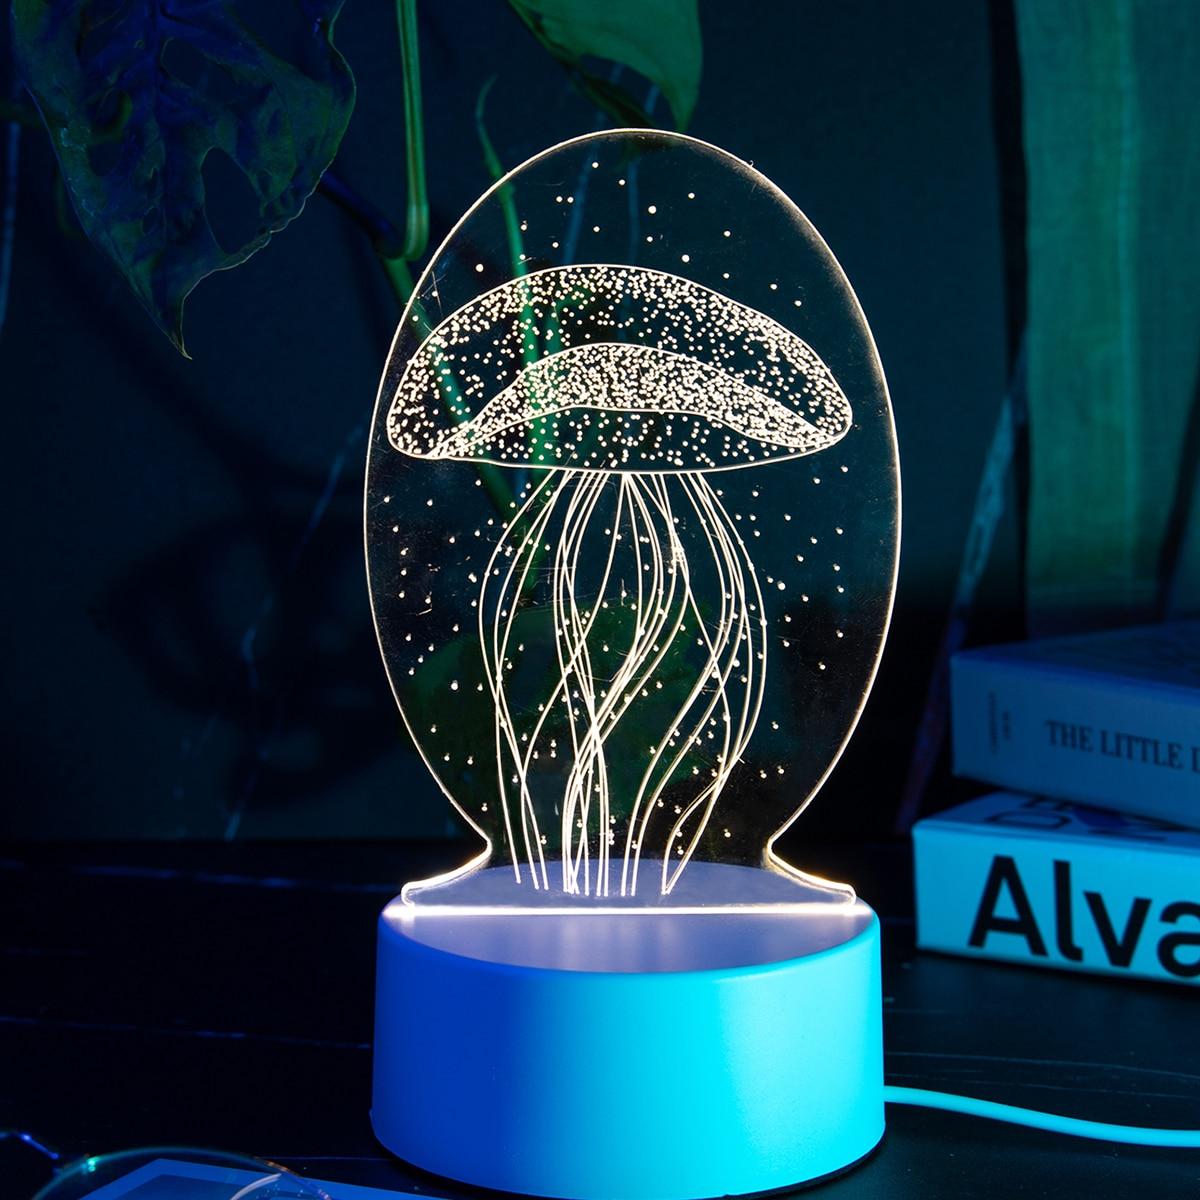 1 Stück 3 Farben veränderbares 3D-Nachtlicht mit Qualle Design